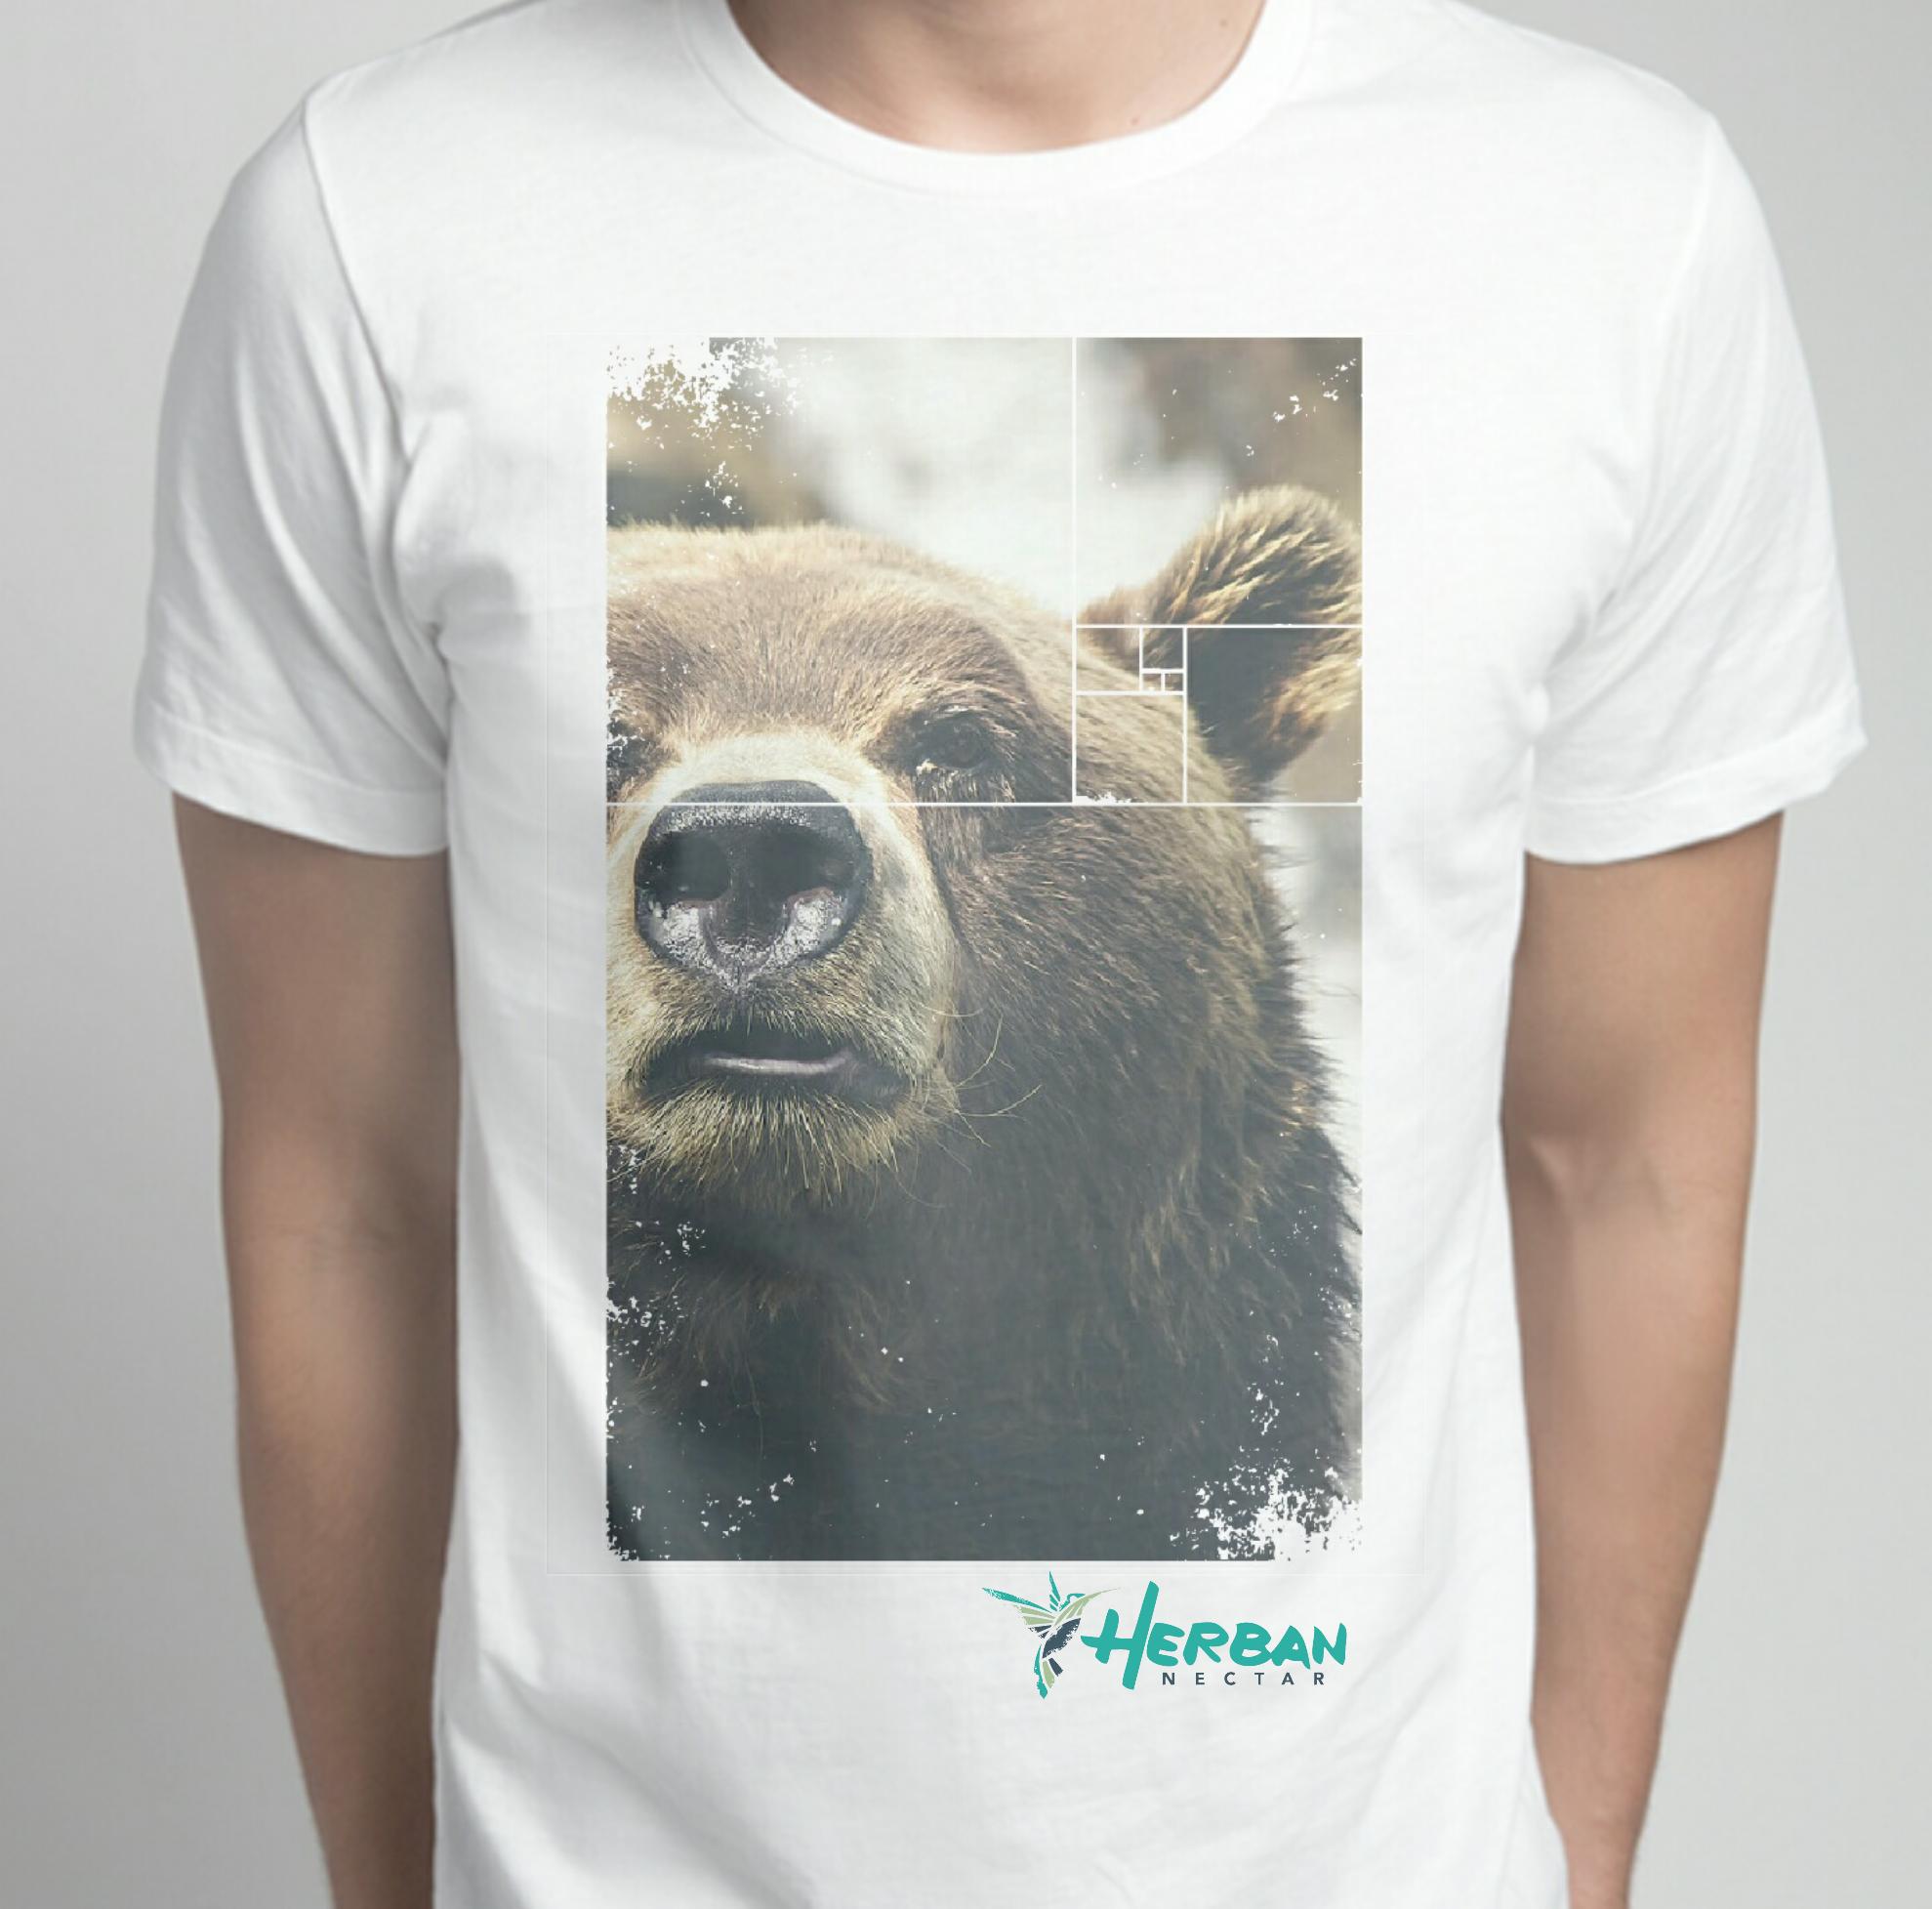 Herban Nectar T shirt Bear